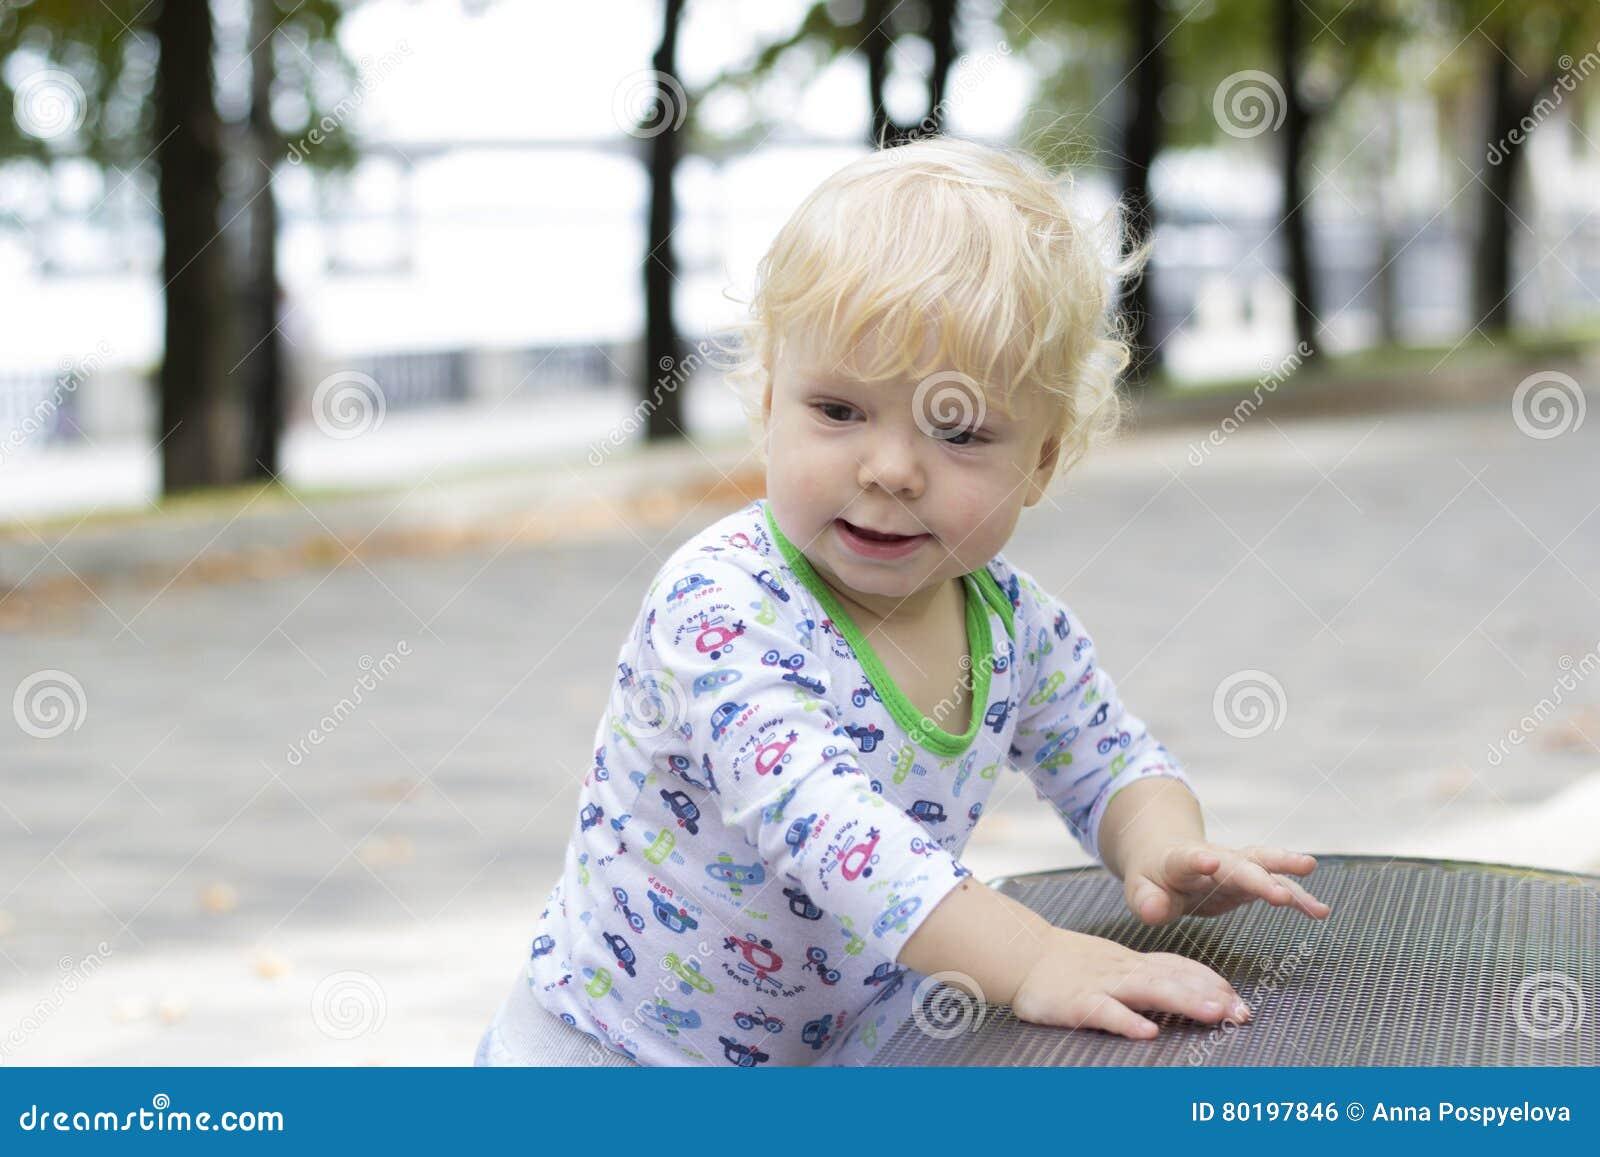 Un petit enfant apprend à marcher près des bancs, enfant en bas âge